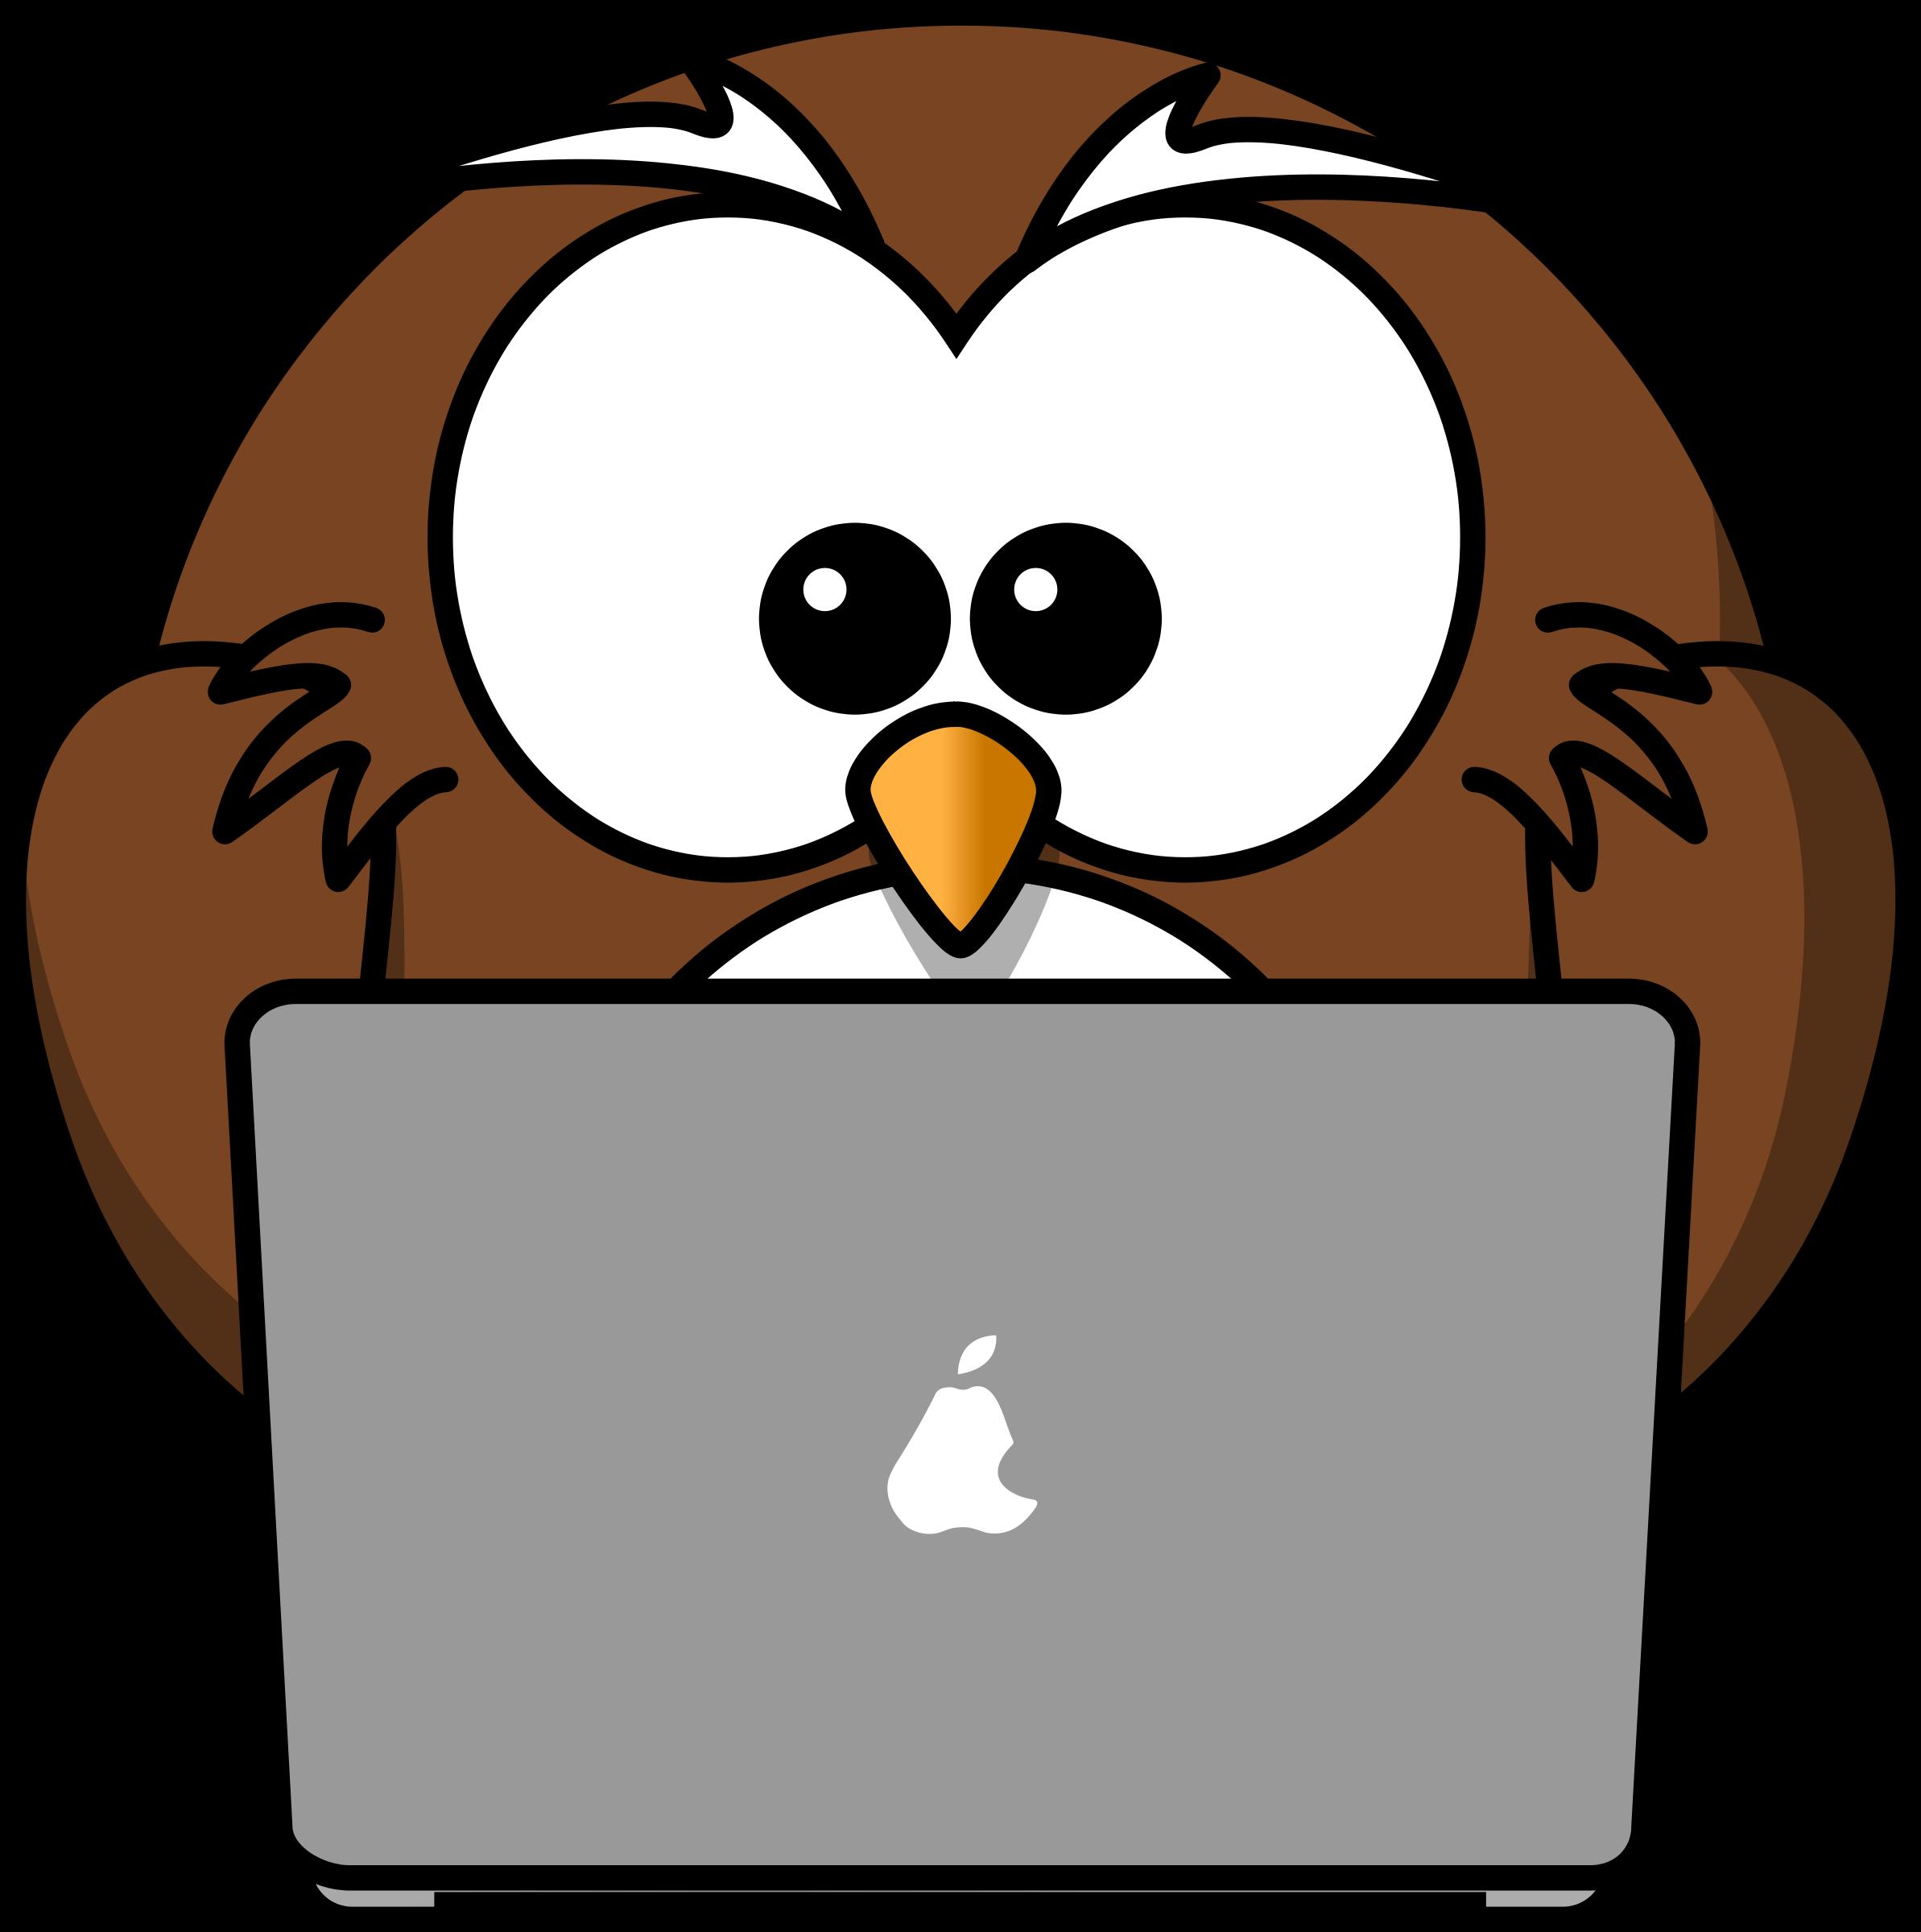 owl-home-4